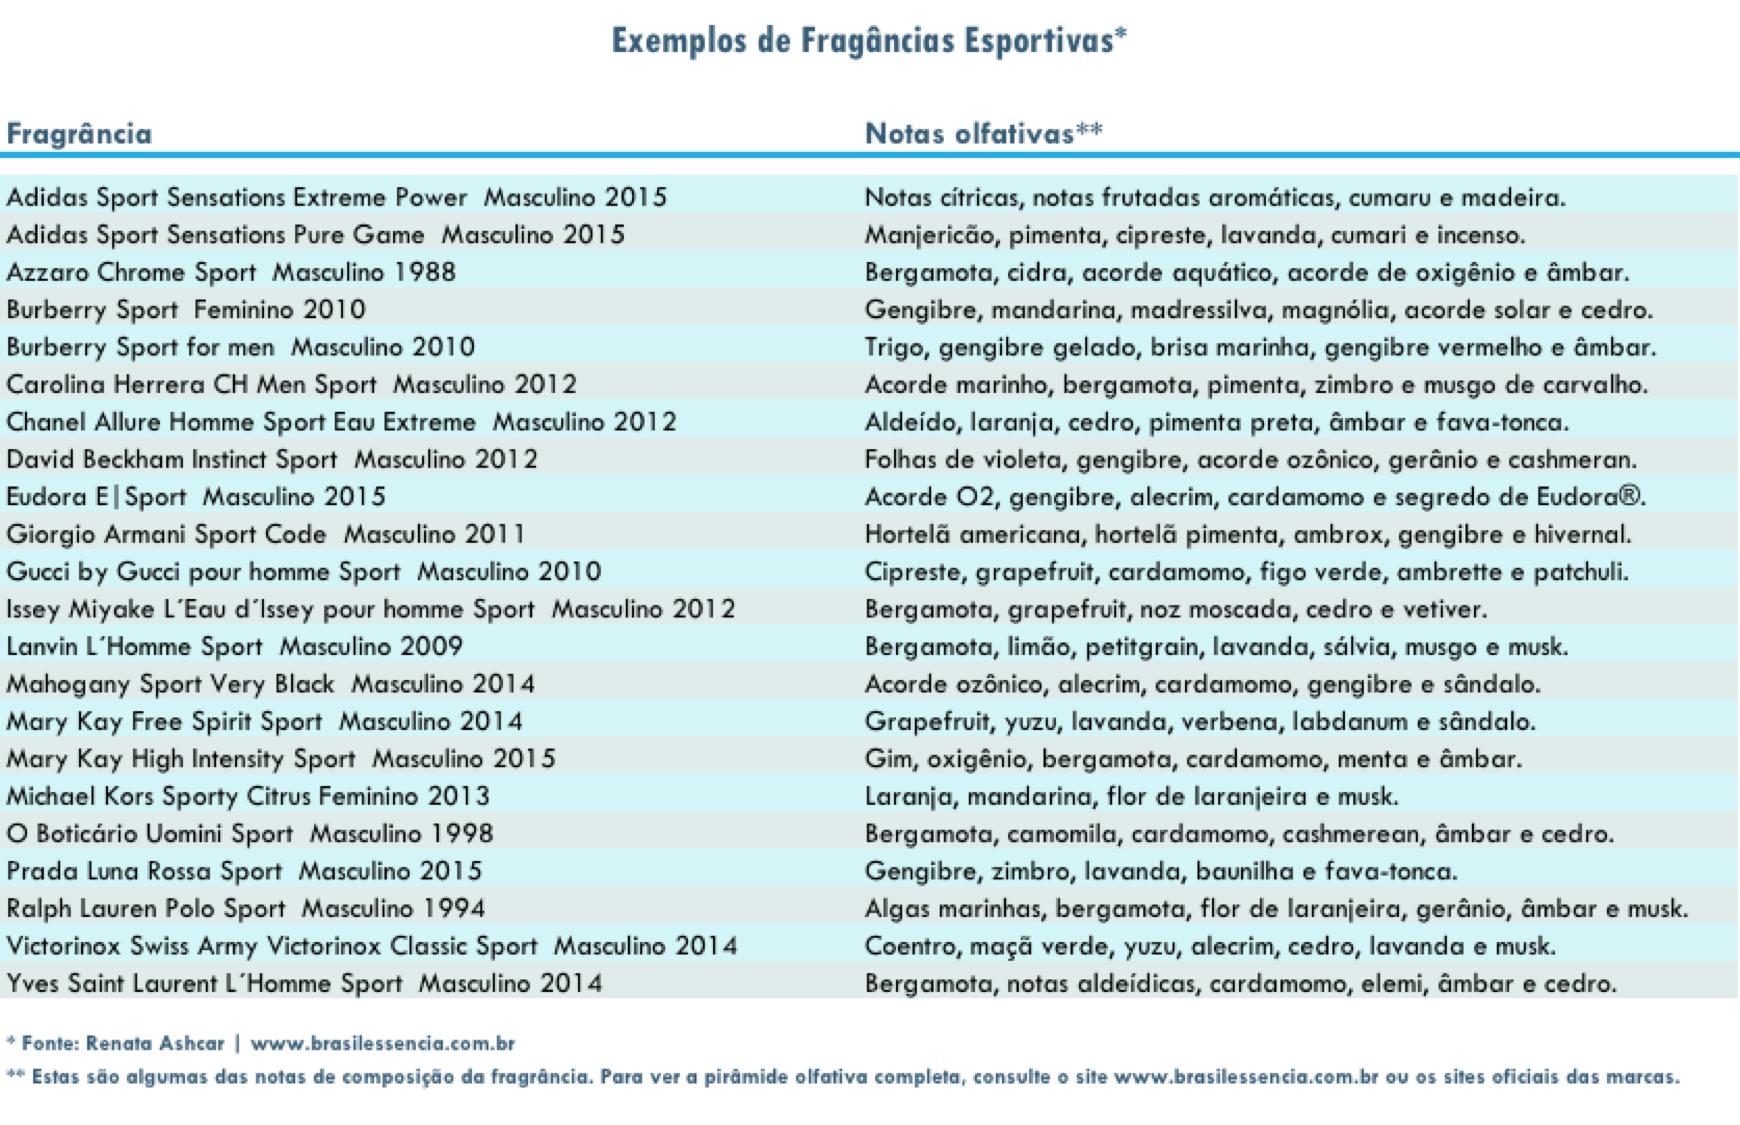 tabela_fragrancias-esportivas